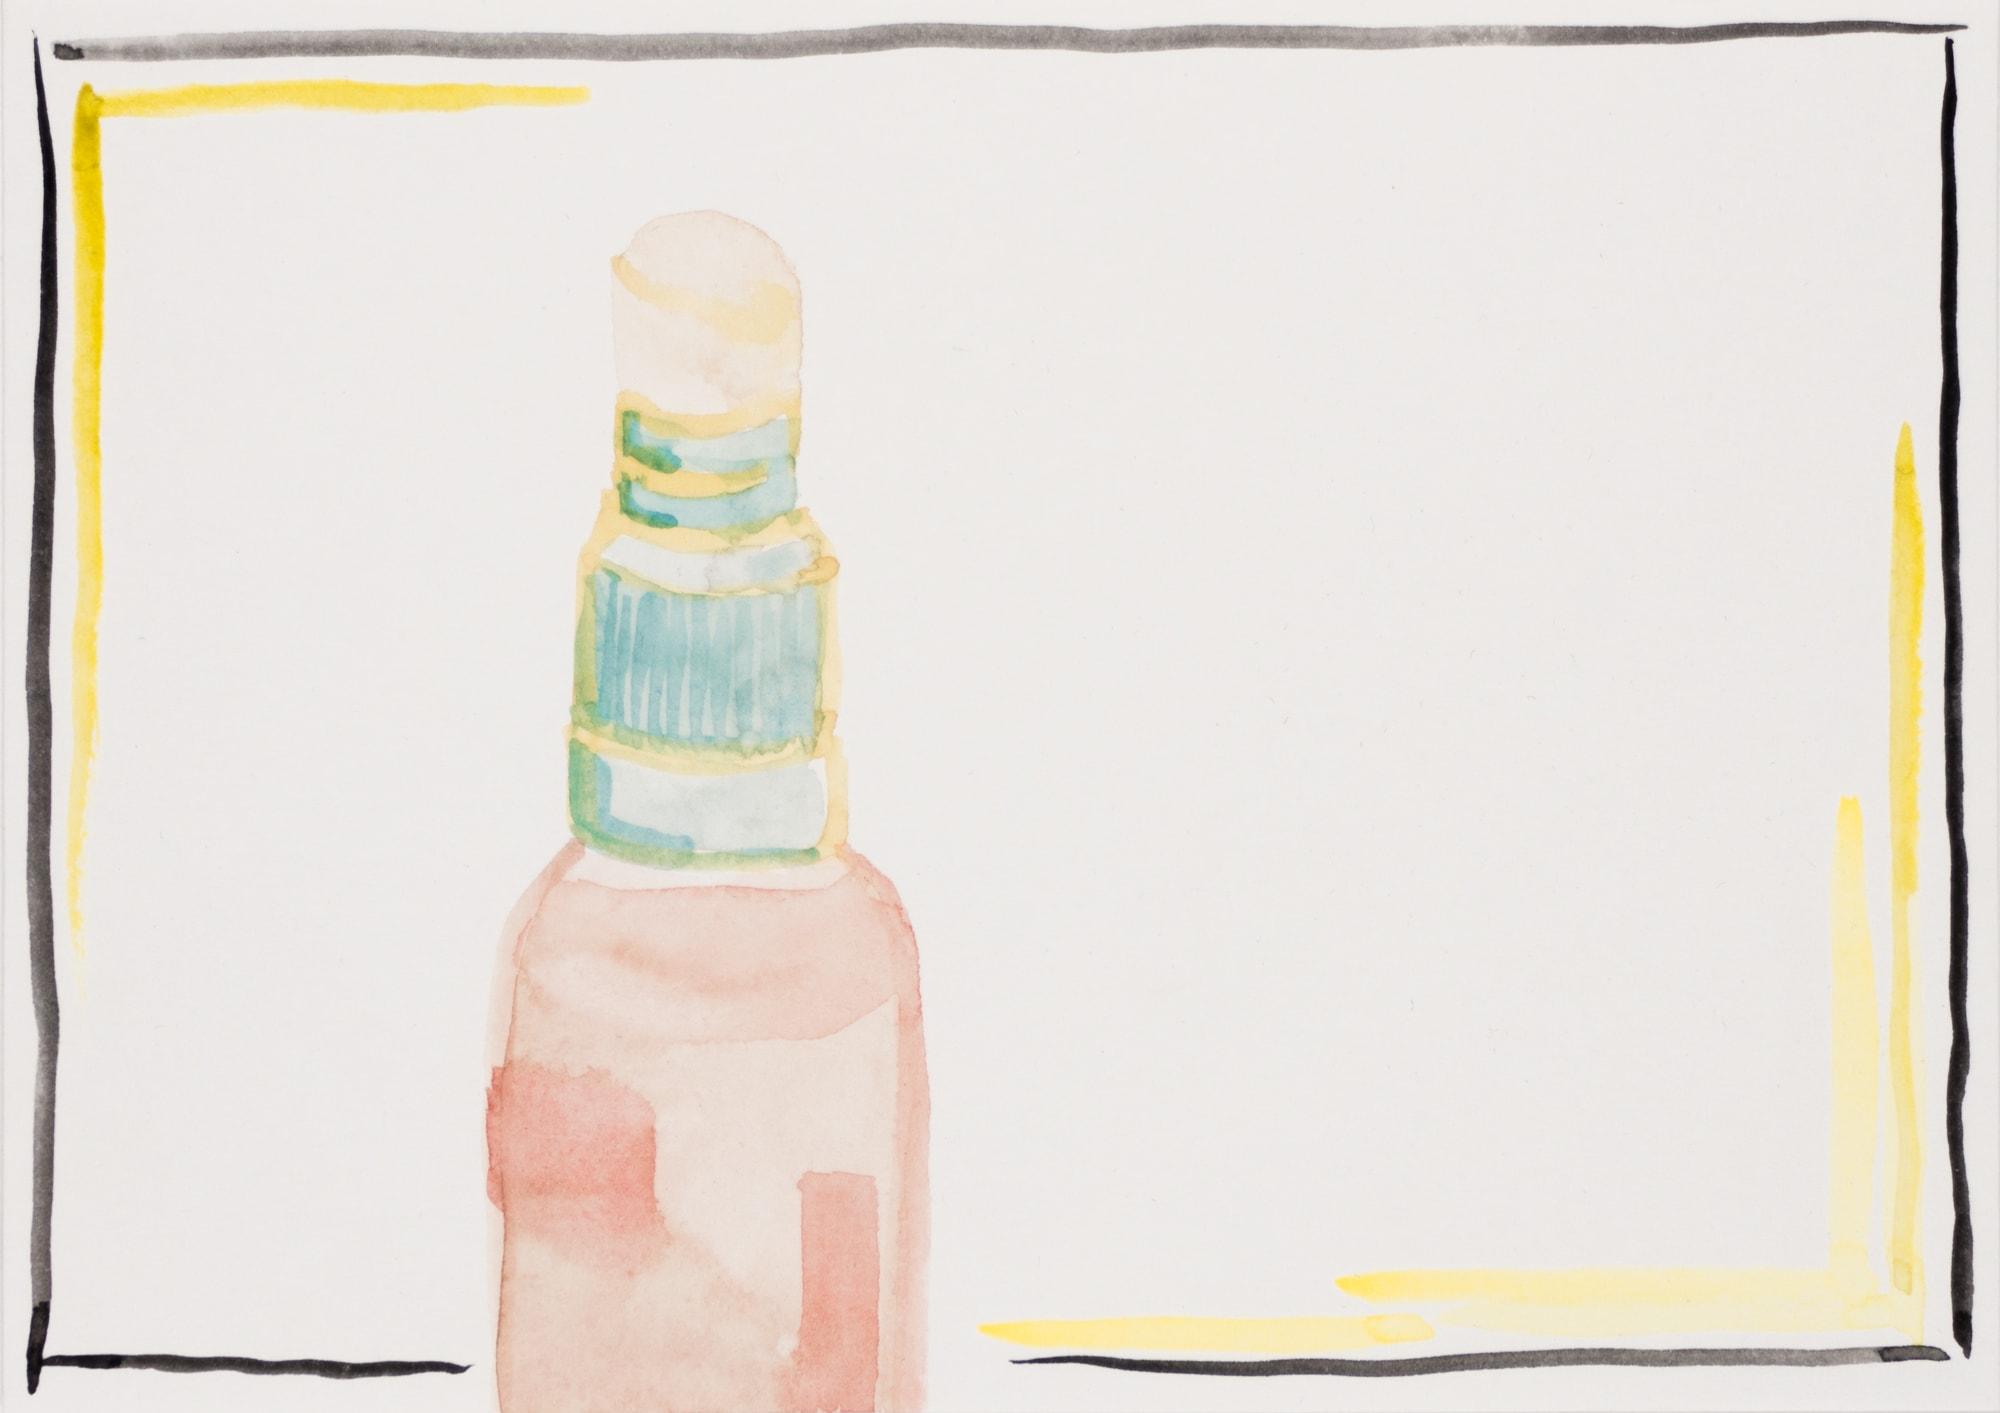 Zeichnung, Aquarell und Tusche auf Postkarte, 14,7x10,5cm, Flasche, Künstlerin: Franziska King